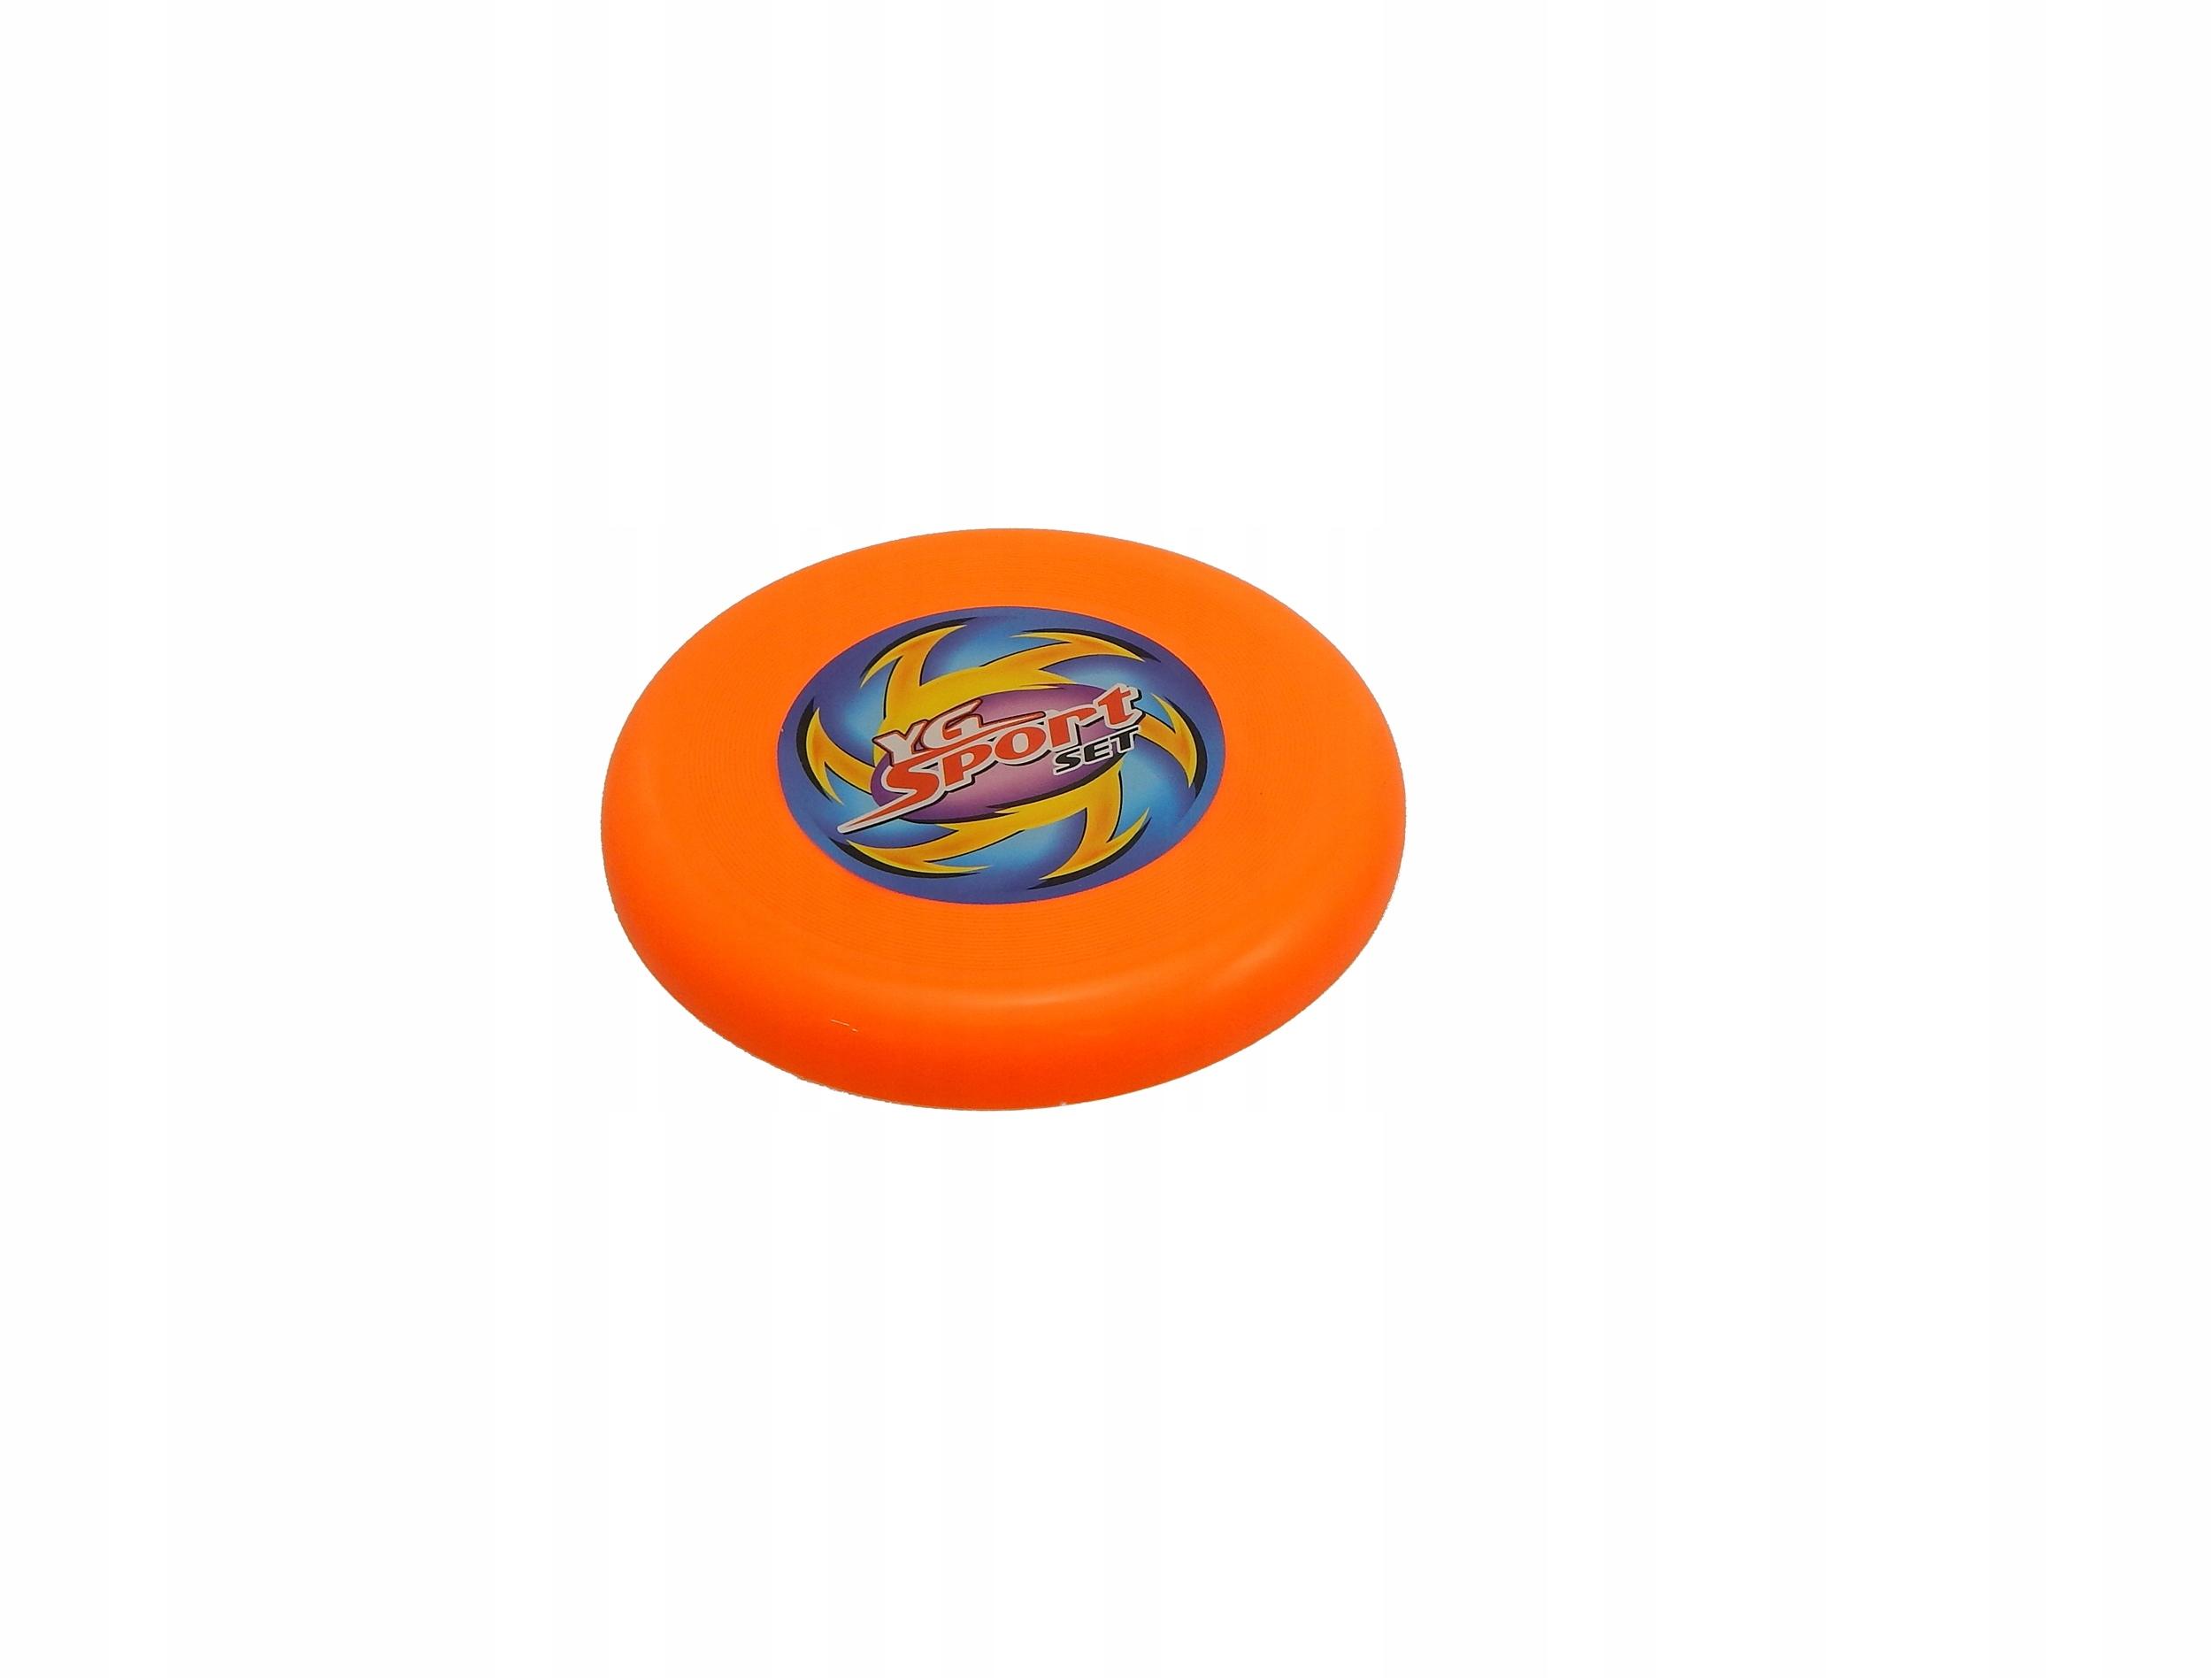 A4725 Dysk do rzucania pomarańczowy